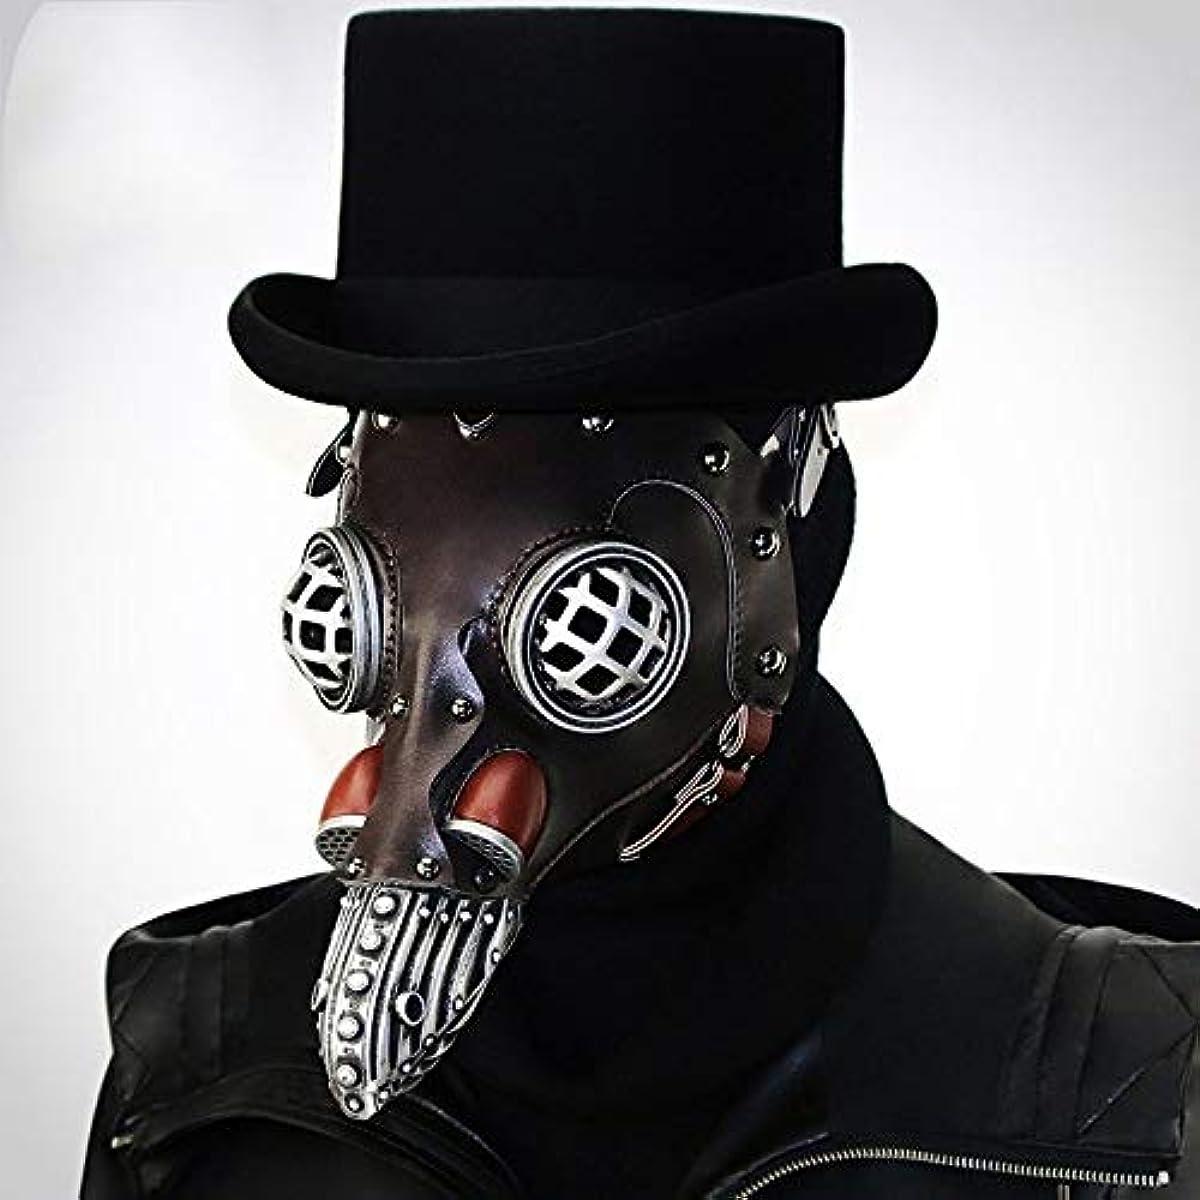 失ミニつなぐETH スチームパンク横暴なペストくちばしマスク/ハロウィーンダンスパーティーの小道具のギフト 適用されます